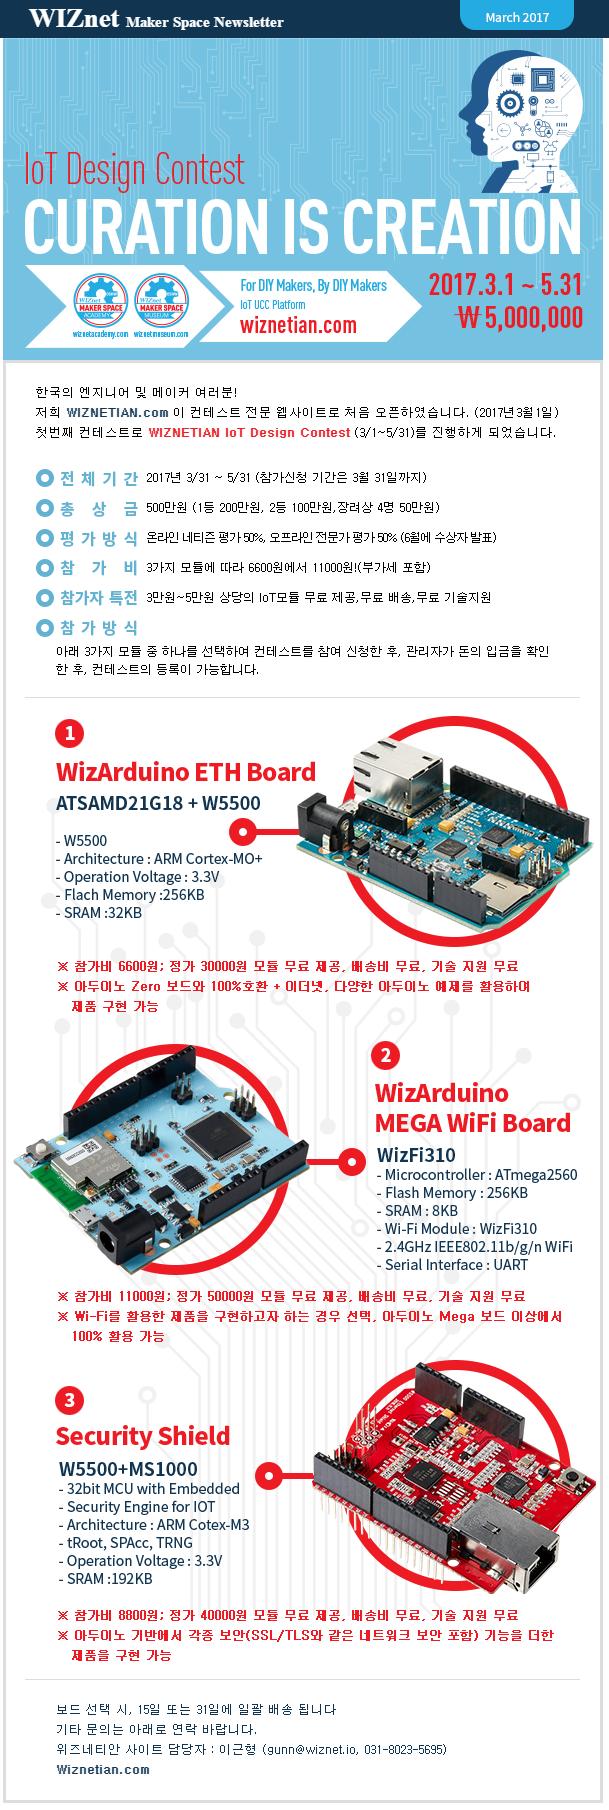 WIZnet IoT Design Contest 위즈네트 IoT 공모전